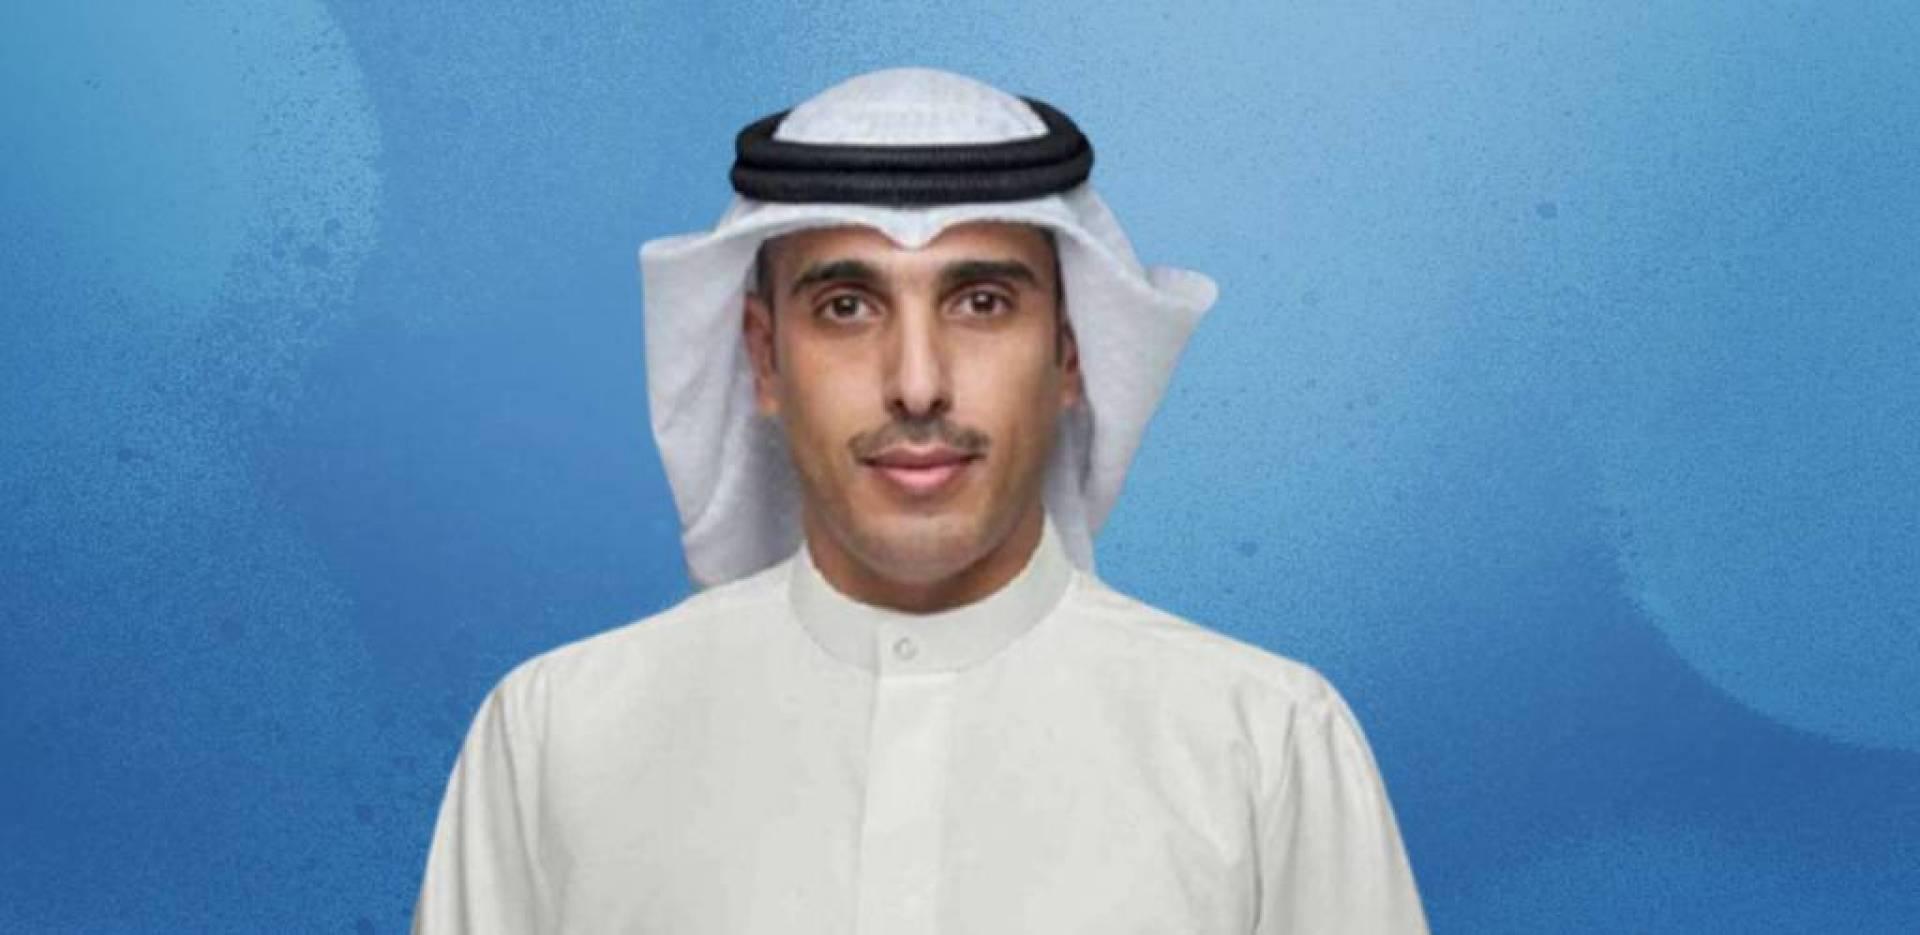 عبد الله جاسم المضف: لن نسمح بيد تمد على ثروة أجيالنا القادمة